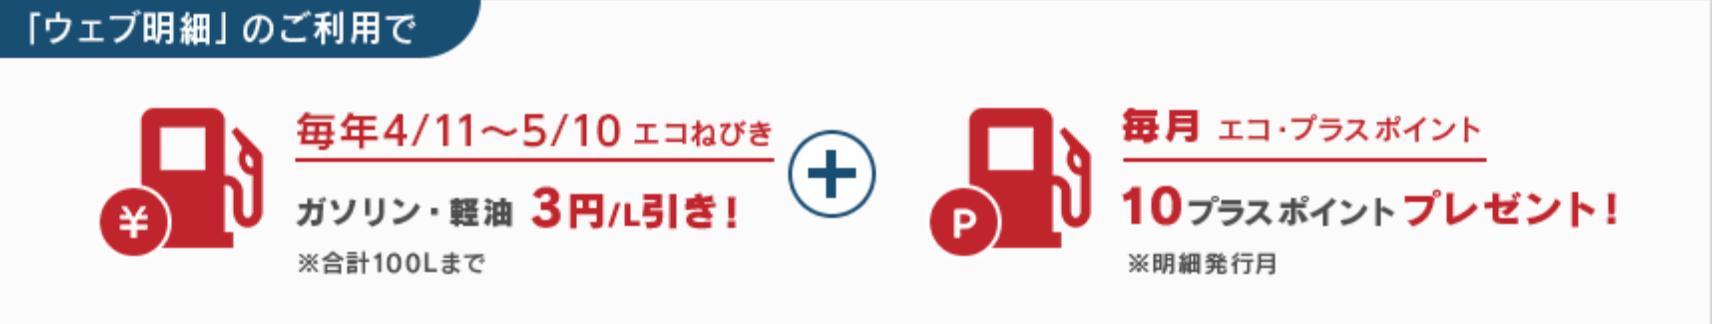 出光カード ガソリン代の値引きサービス